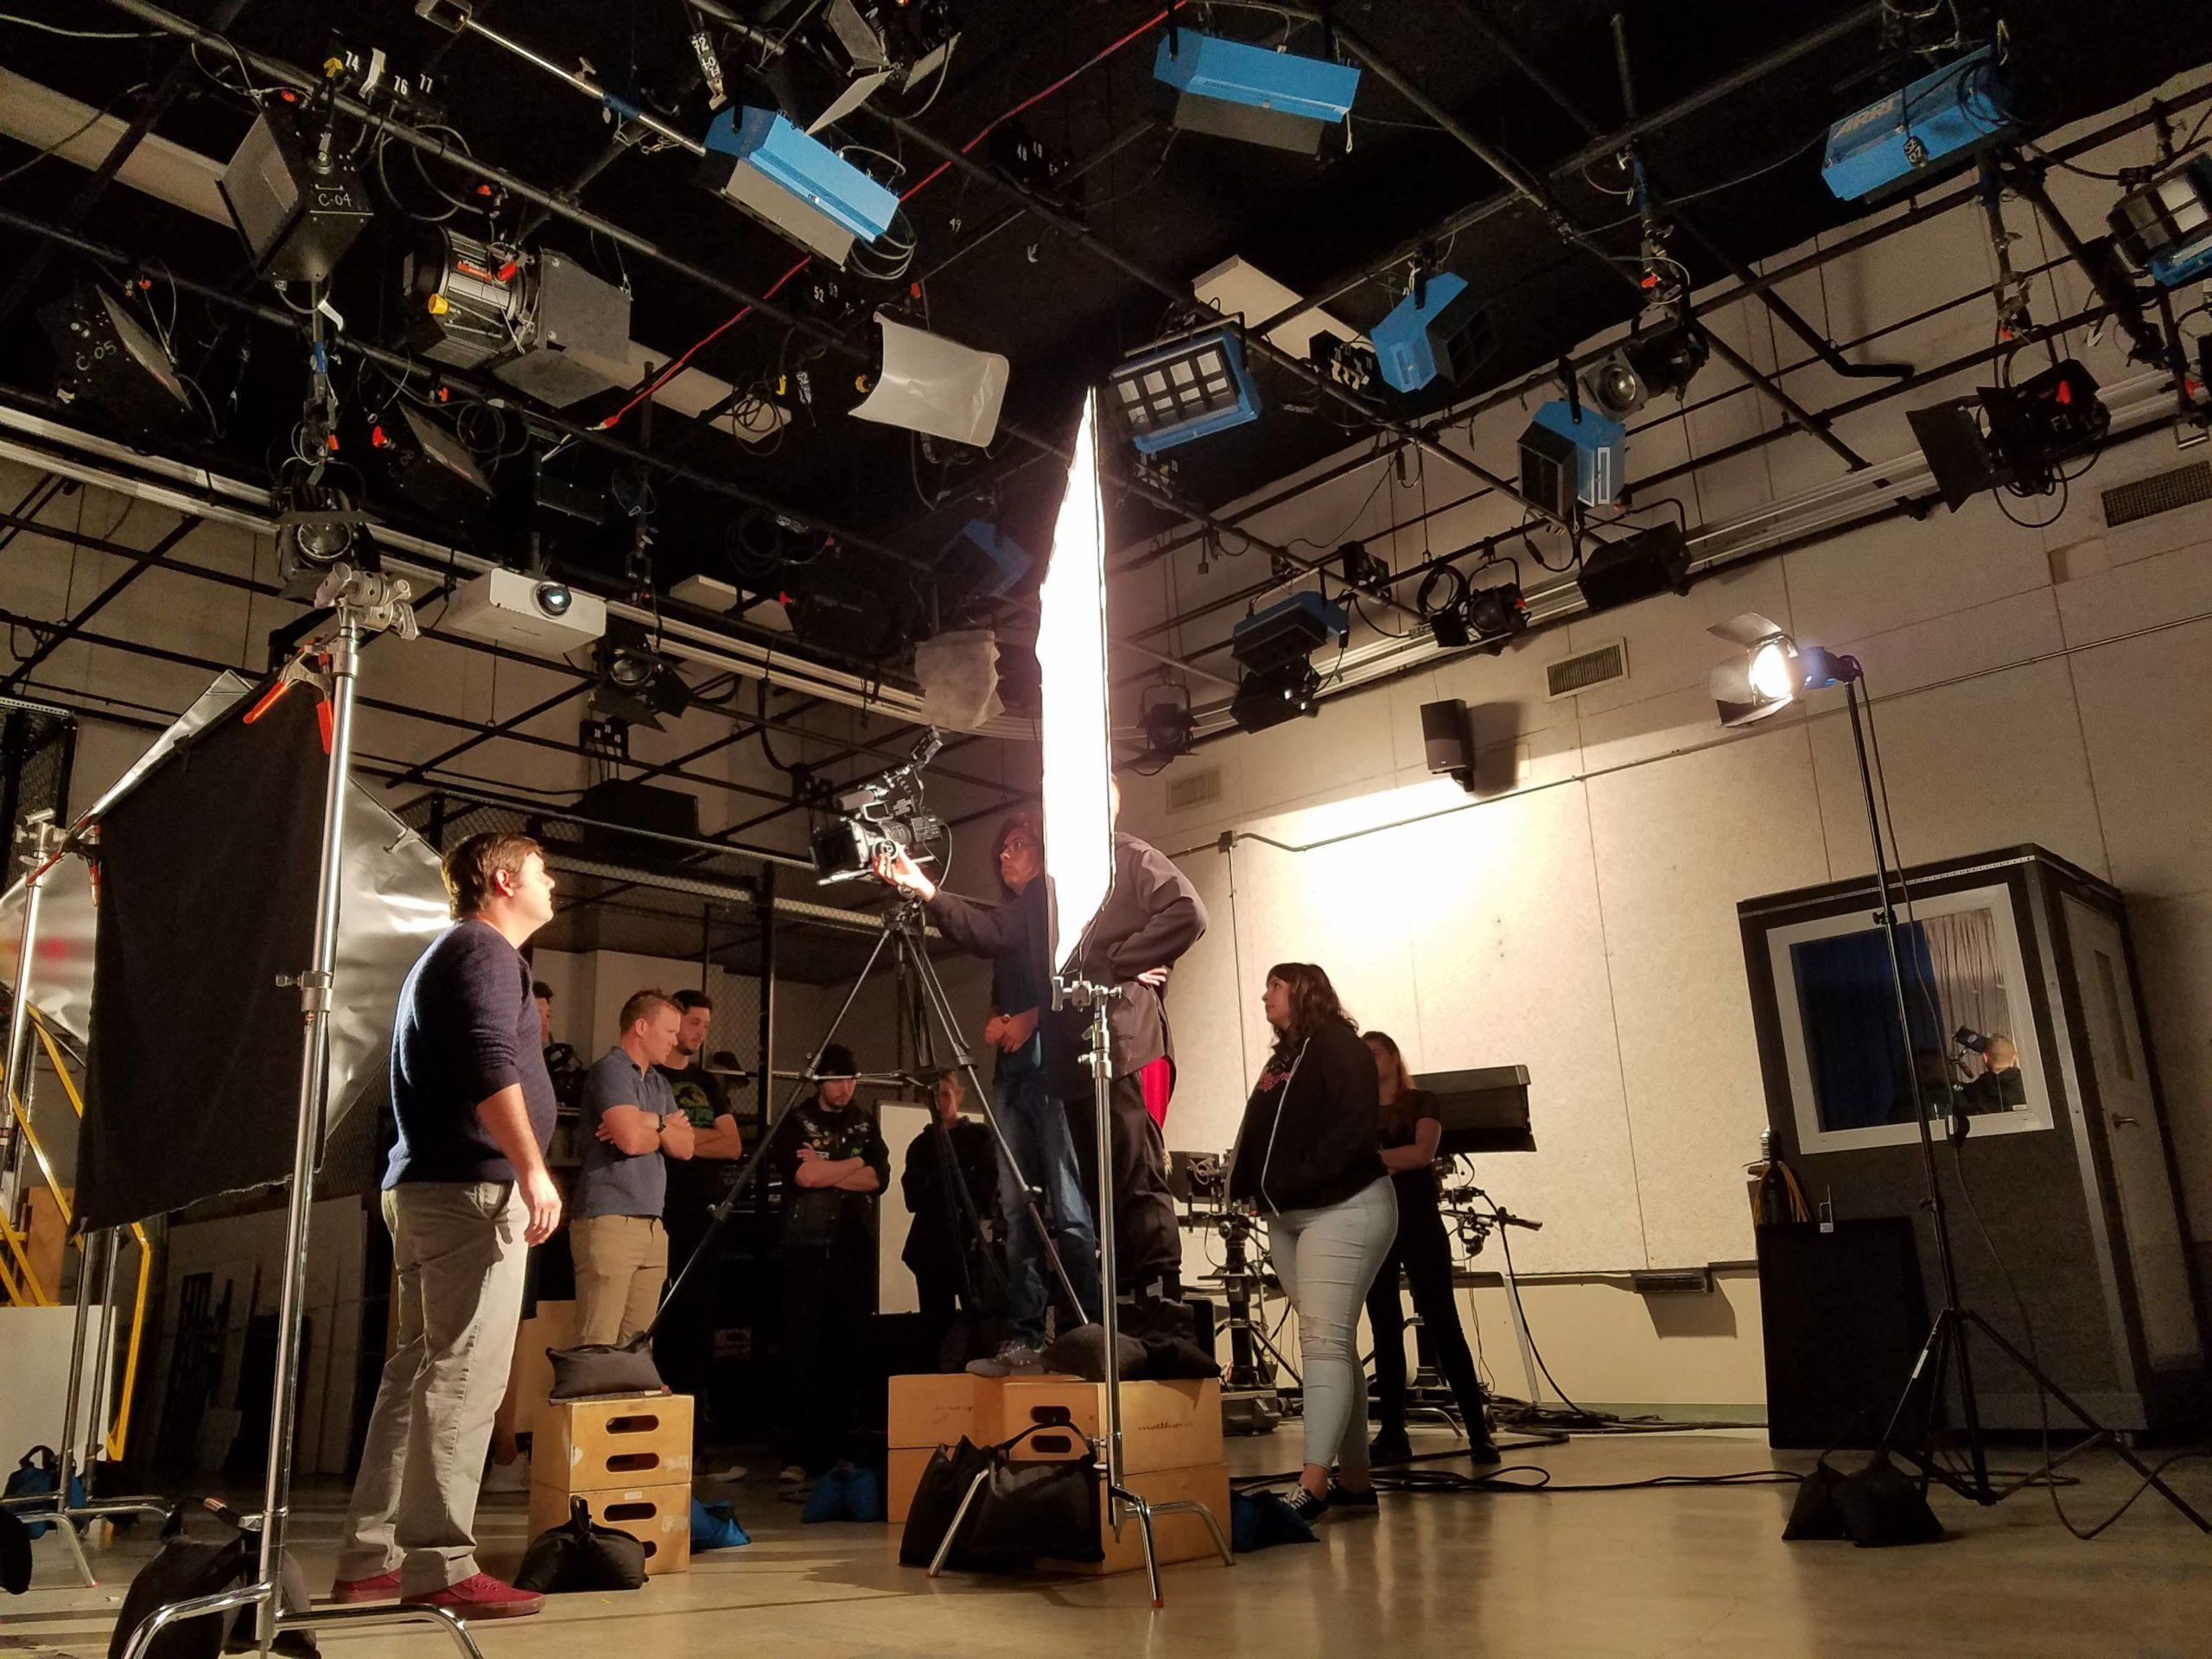 Lighting For Film & Video